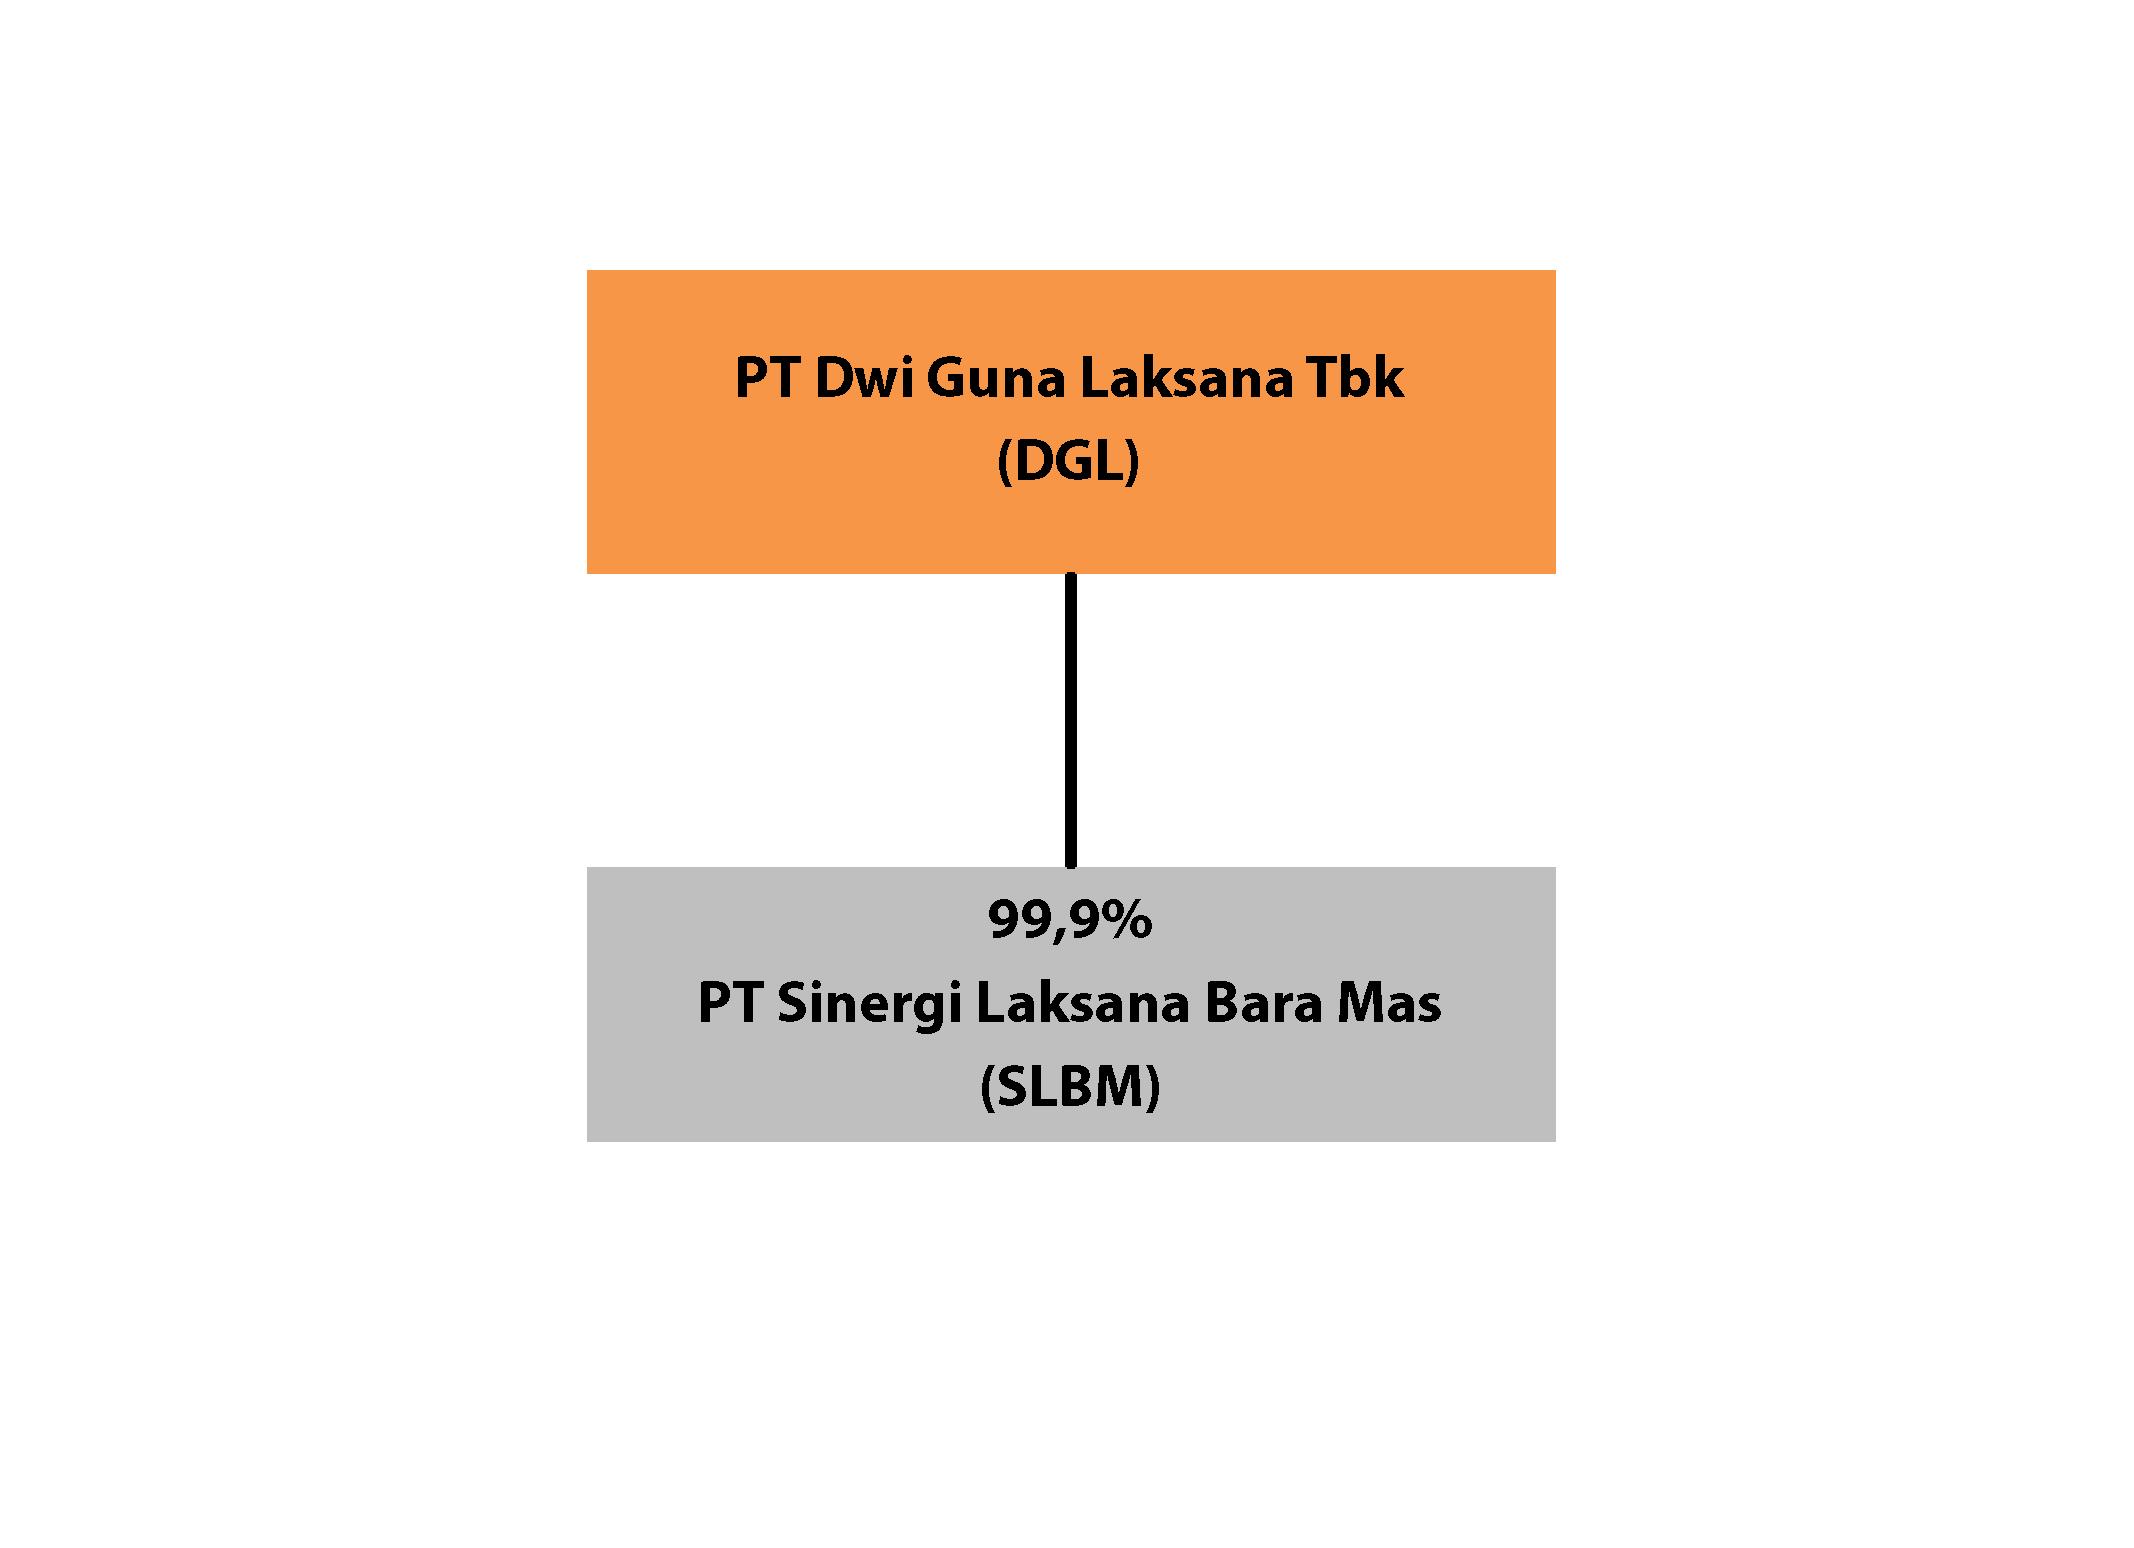 Dwiguna Laksana